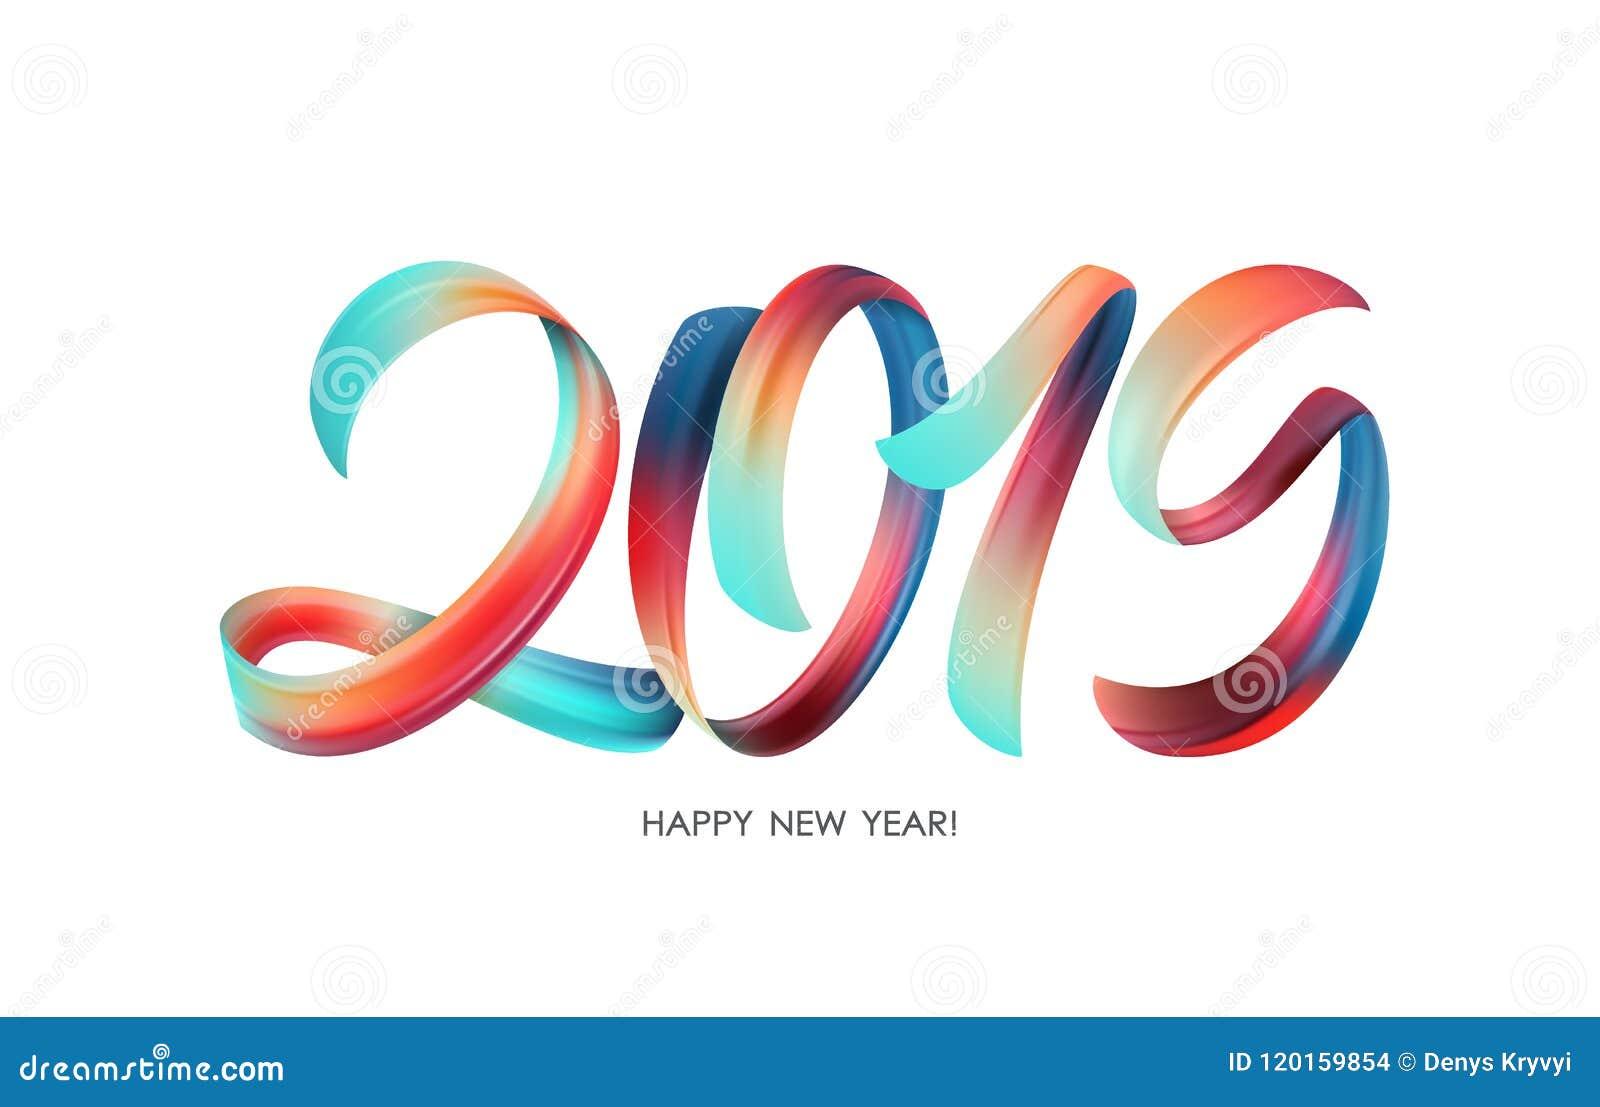 Ejemplo del vector: Caligrafía colorida de las letras de la pintura de la pincelada de 2019 Felices Año Nuevo en el fondo blanco